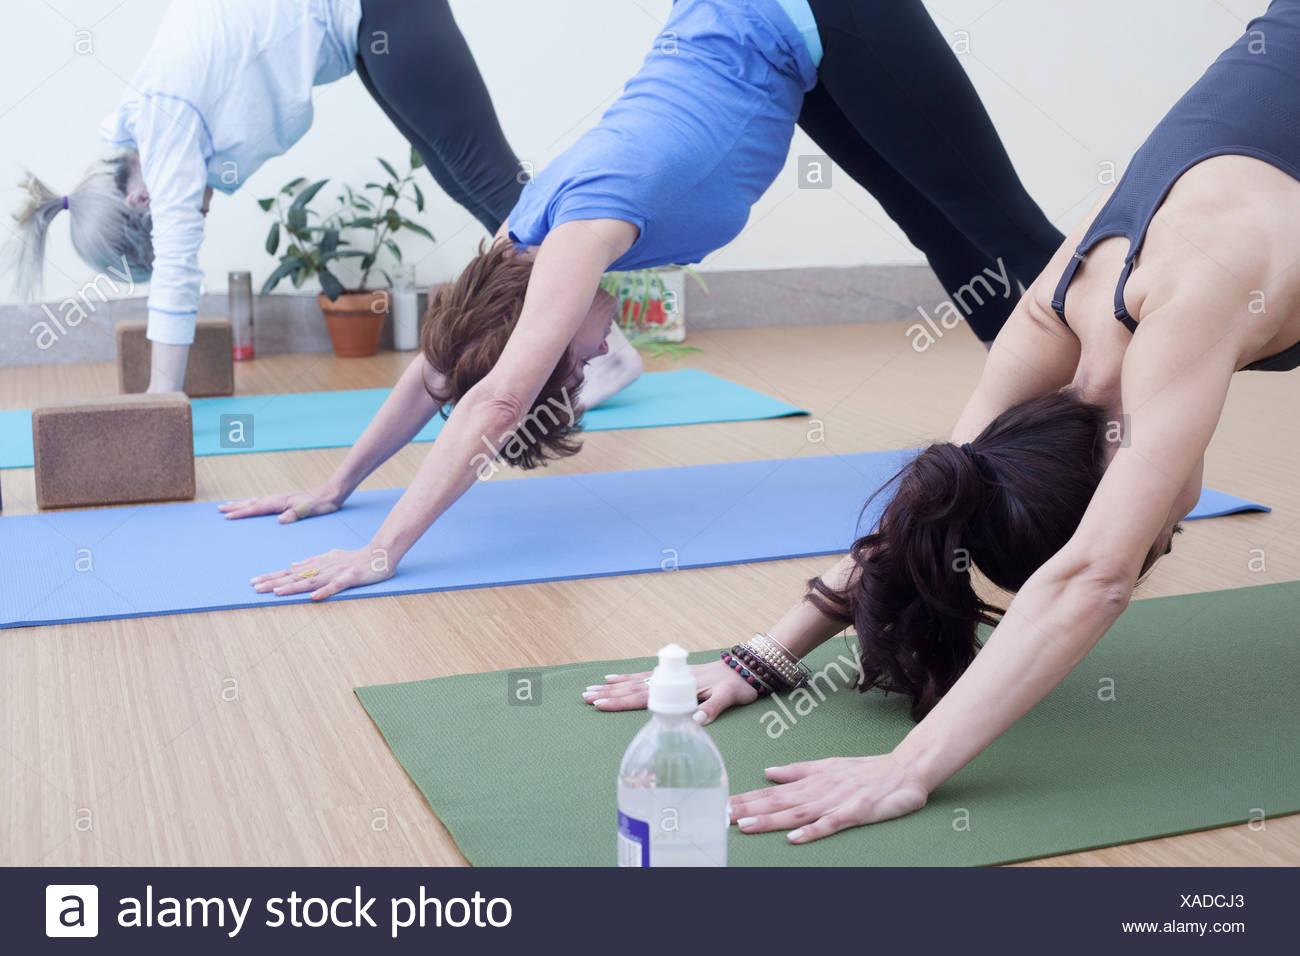 Women in downward facing dog pose - Stock Image